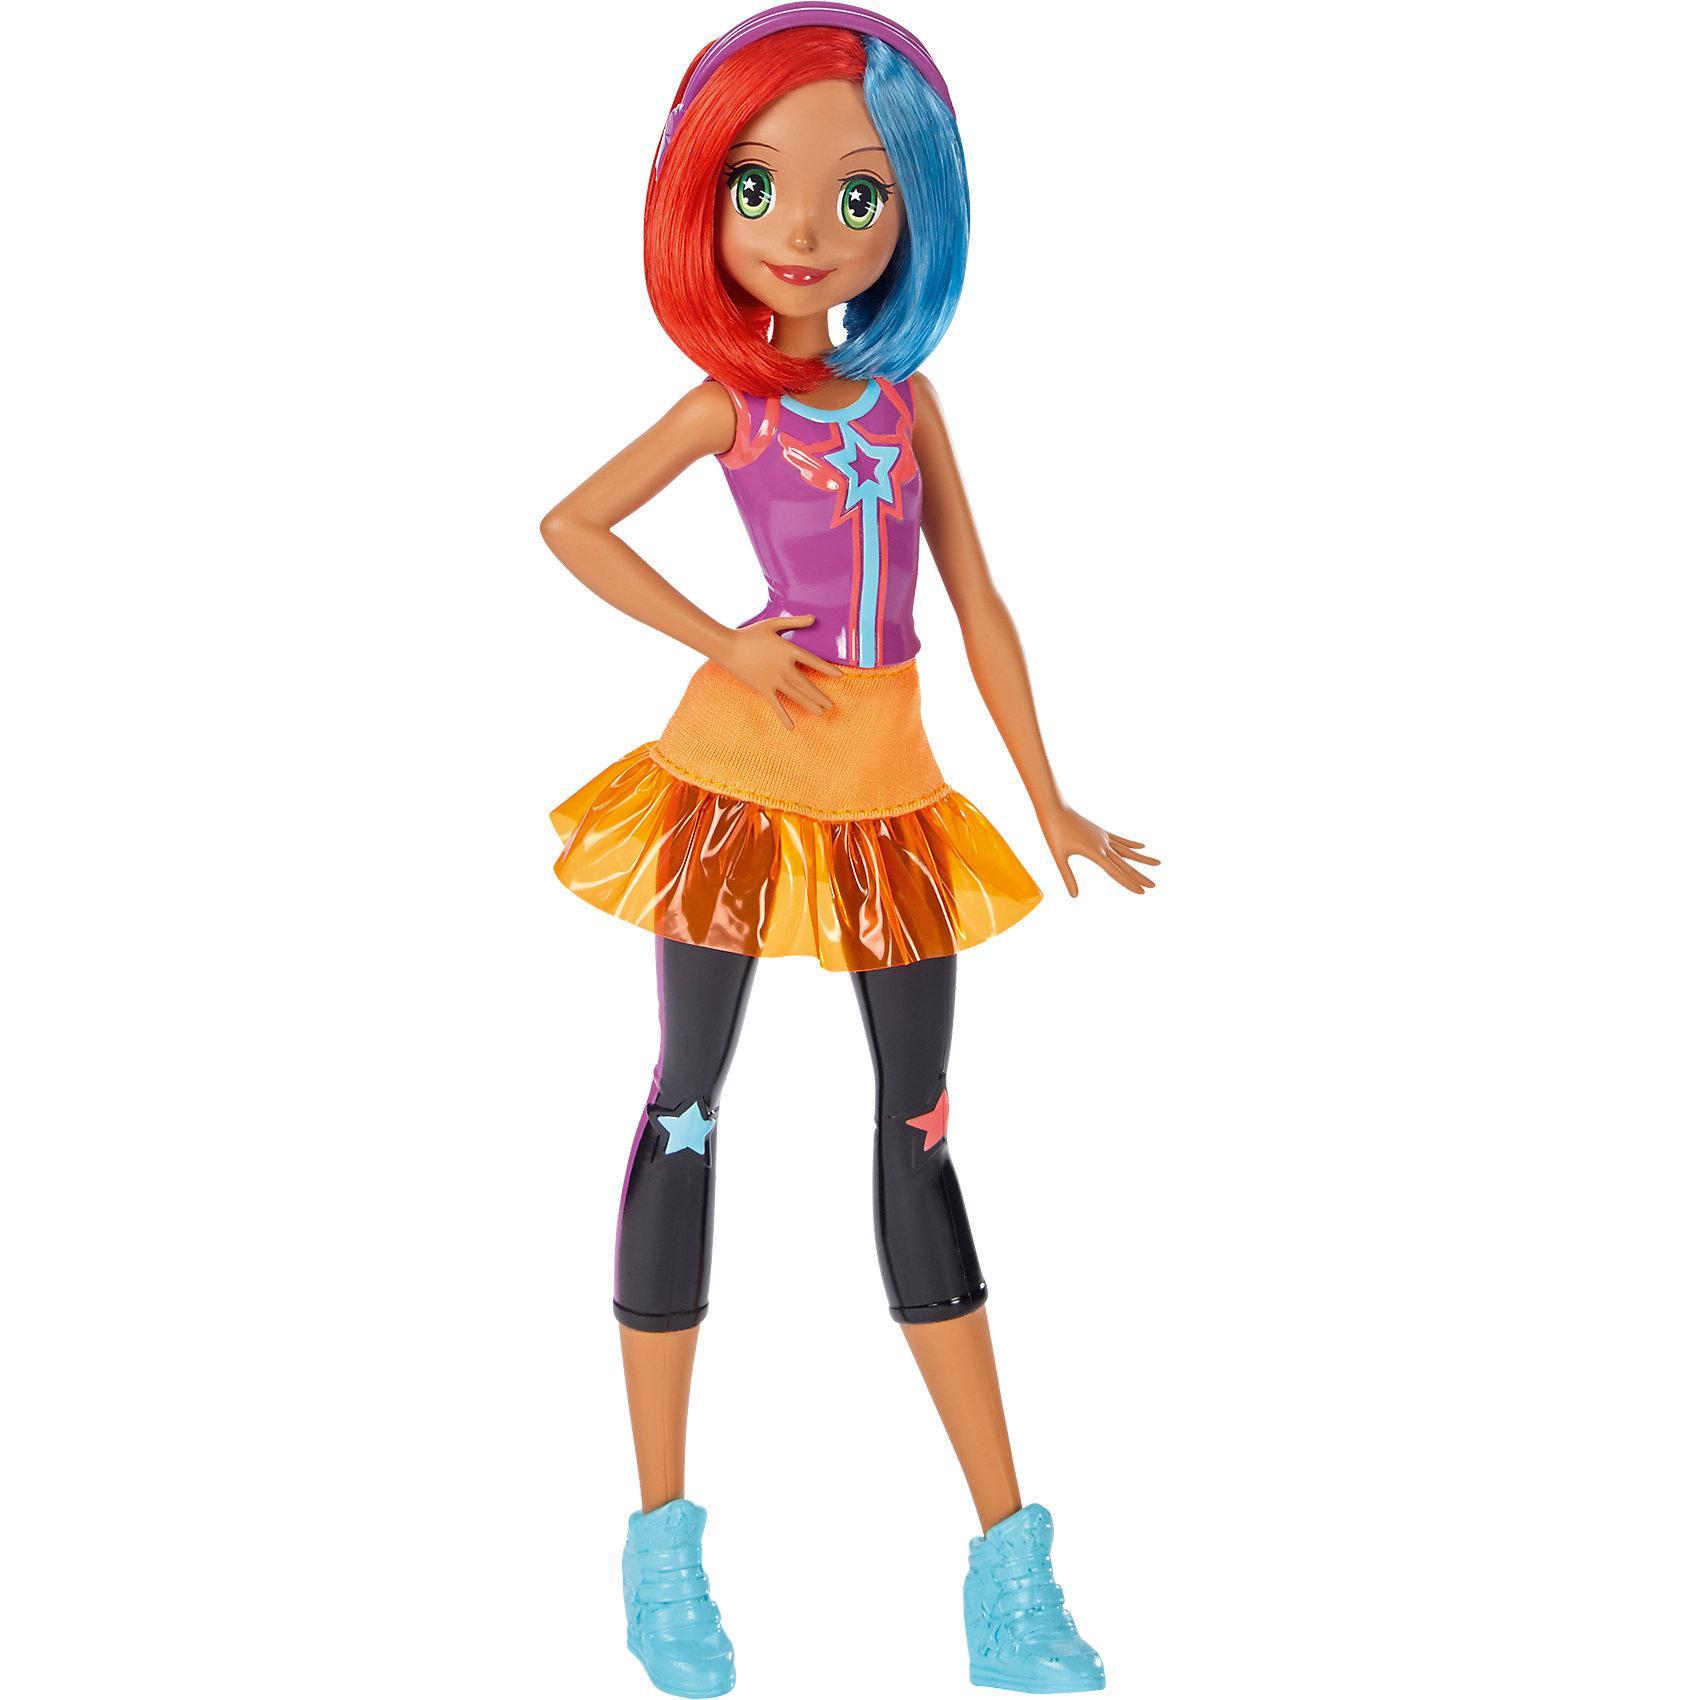 Подружка Barbie из серии «Barbie и виртуальный мир» Multi-ColorBarbie<br>Характеристики товара:<br><br>• комплектация: кукла, аксессуары<br>• материал: пластик, текстиль<br>• серия: Barbie и виртуальный мир<br>• руки, ноги гнутся<br>• высота куклы: 25,5 см<br>• возраст: от трех лет<br>• размер упаковки: 32х12х6 см<br>• вес: 0,3 кг<br>• страна бренда: США<br><br>Барби может разной! Такой современный образ изящной куклы порадует маленьких любительниц мультфильмов про приключения Barbie. Костюм героини мультфильма дополняет обувь и аксессуары. Руки и ноги гнутся! Барби из серии «Barbie и виртуальный мир» станет великолепным подарком для девочек.<br><br>Таки куклы помогают девочкам отработать сценарии поведения в обществе, развить воображение и мелкую моторику. Барби от бренда Mattel не перестает быть популярной! <br><br>Куклу Подружка Barbie из серии «Barbie и виртуальный мир» Multi-Color от компании Mattel можно купить в нашем интернет-магазине.<br><br>Ширина мм: 324<br>Глубина мм: 116<br>Высота мм: 50<br>Вес г: 137<br>Возраст от месяцев: 36<br>Возраст до месяцев: 72<br>Пол: Женский<br>Возраст: Детский<br>SKU: 5257088